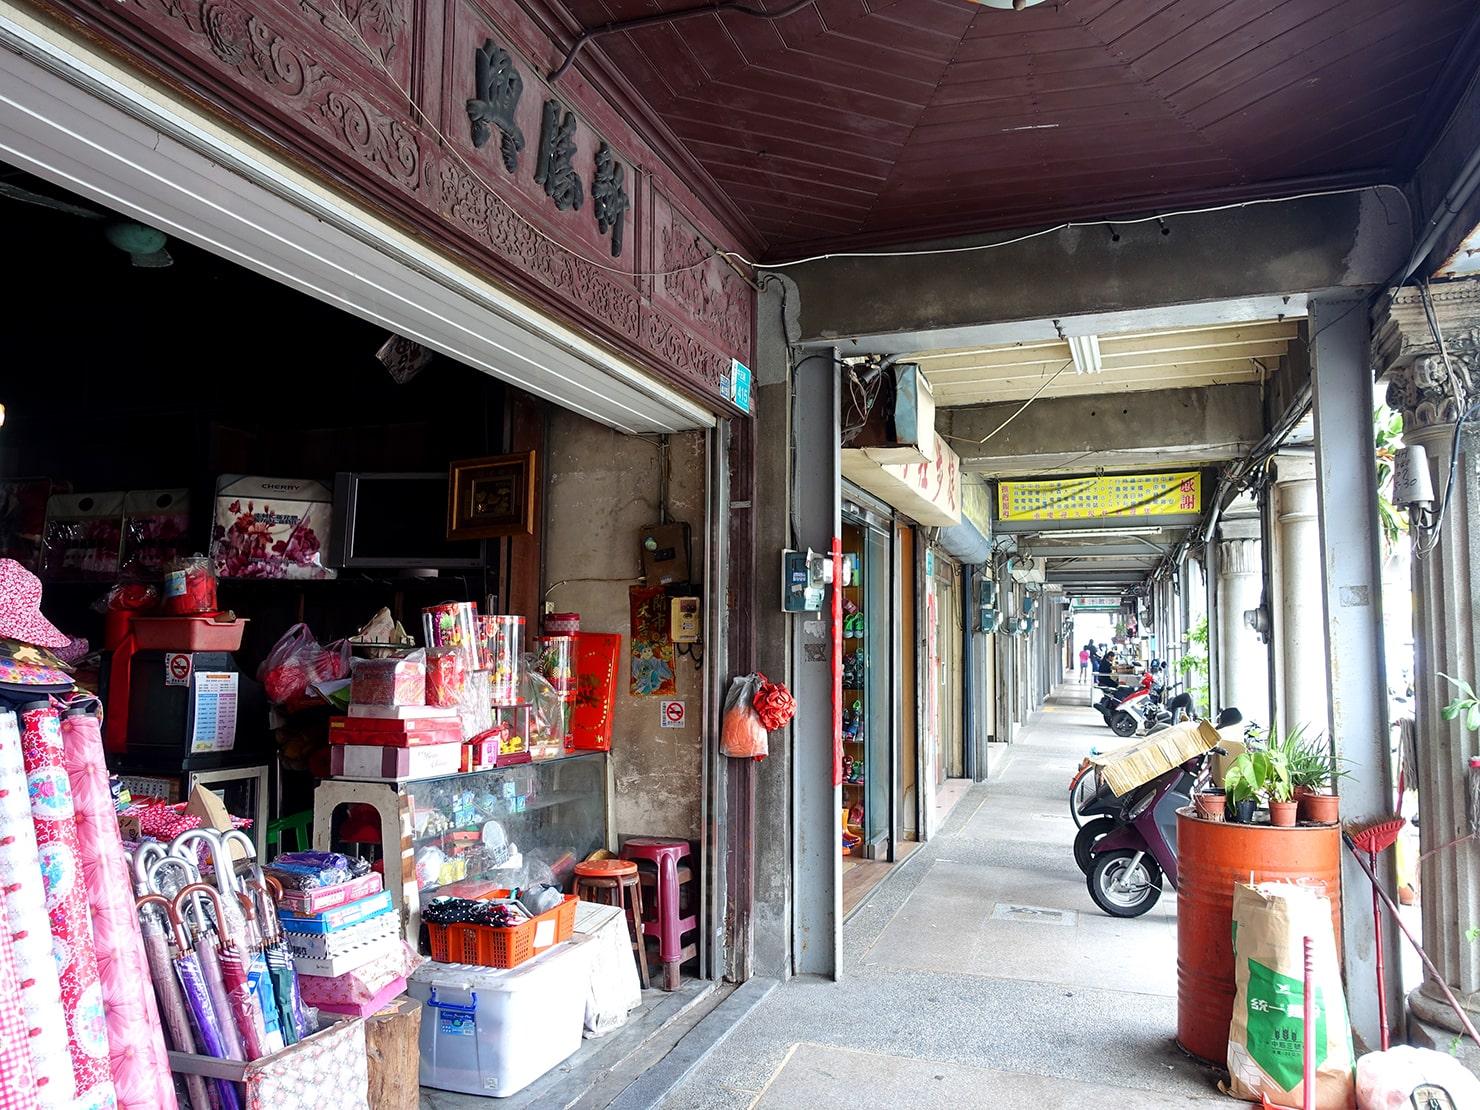 台南市街郊外のおすすめ観光スポット「新化老街」の騎樓